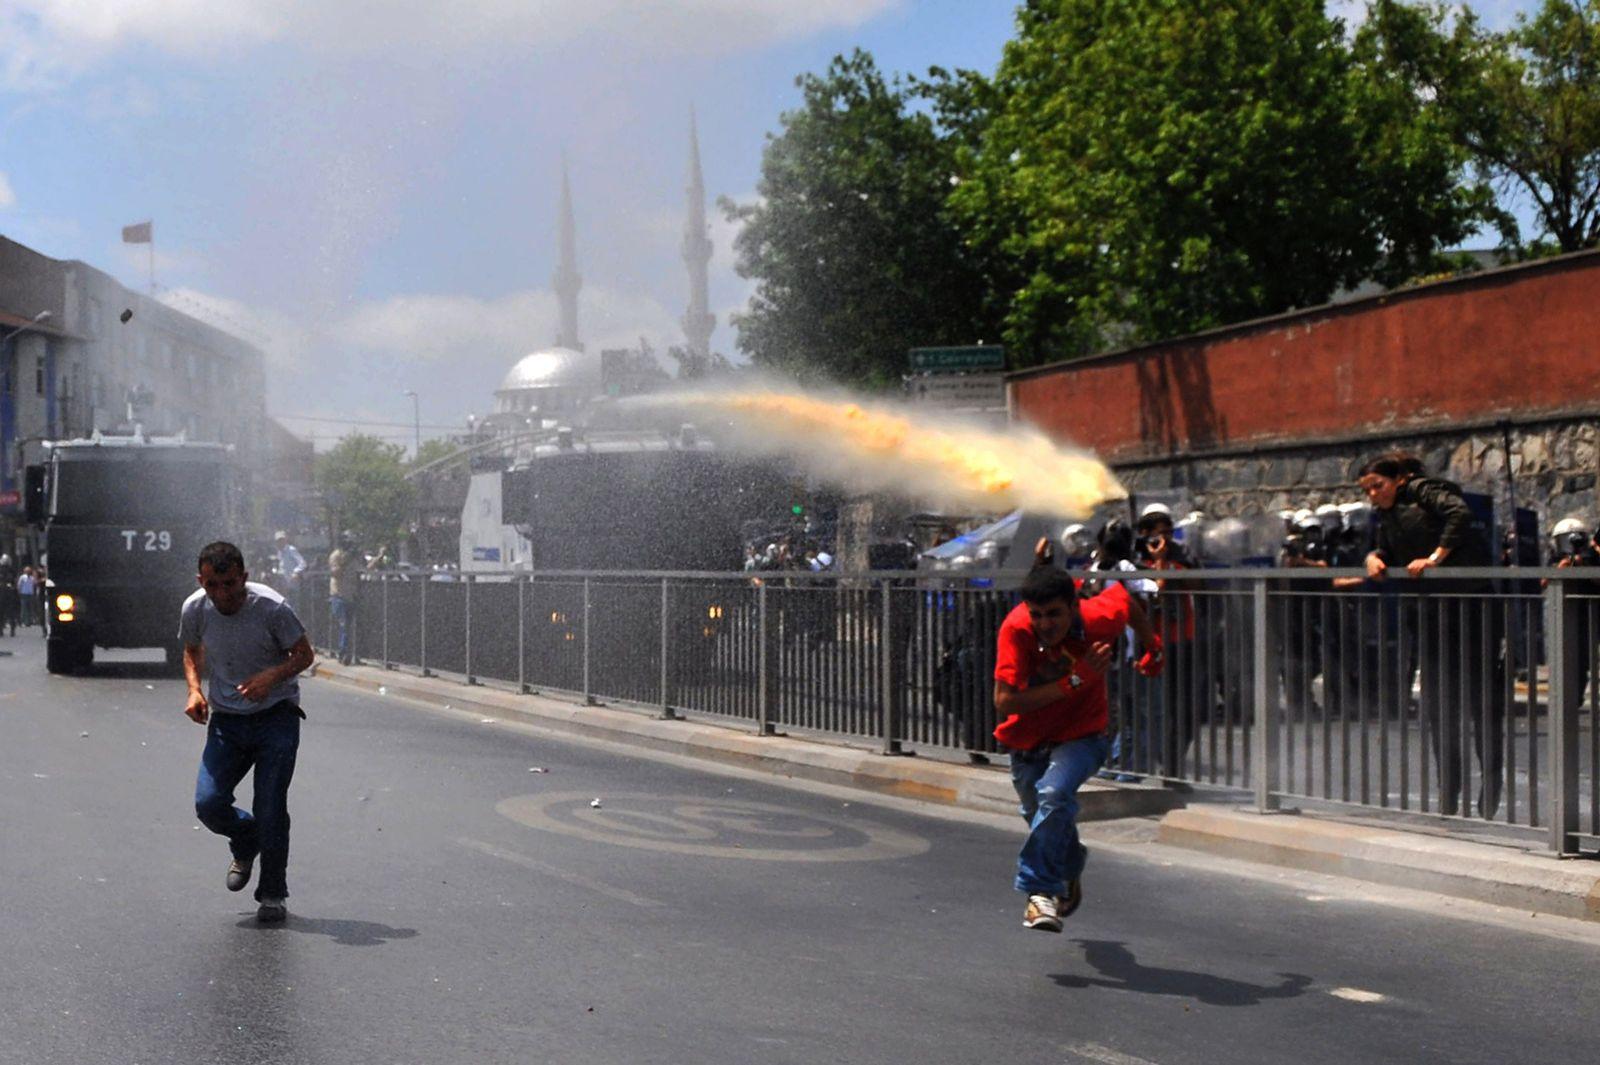 TURKEY-UNREST-POLICE